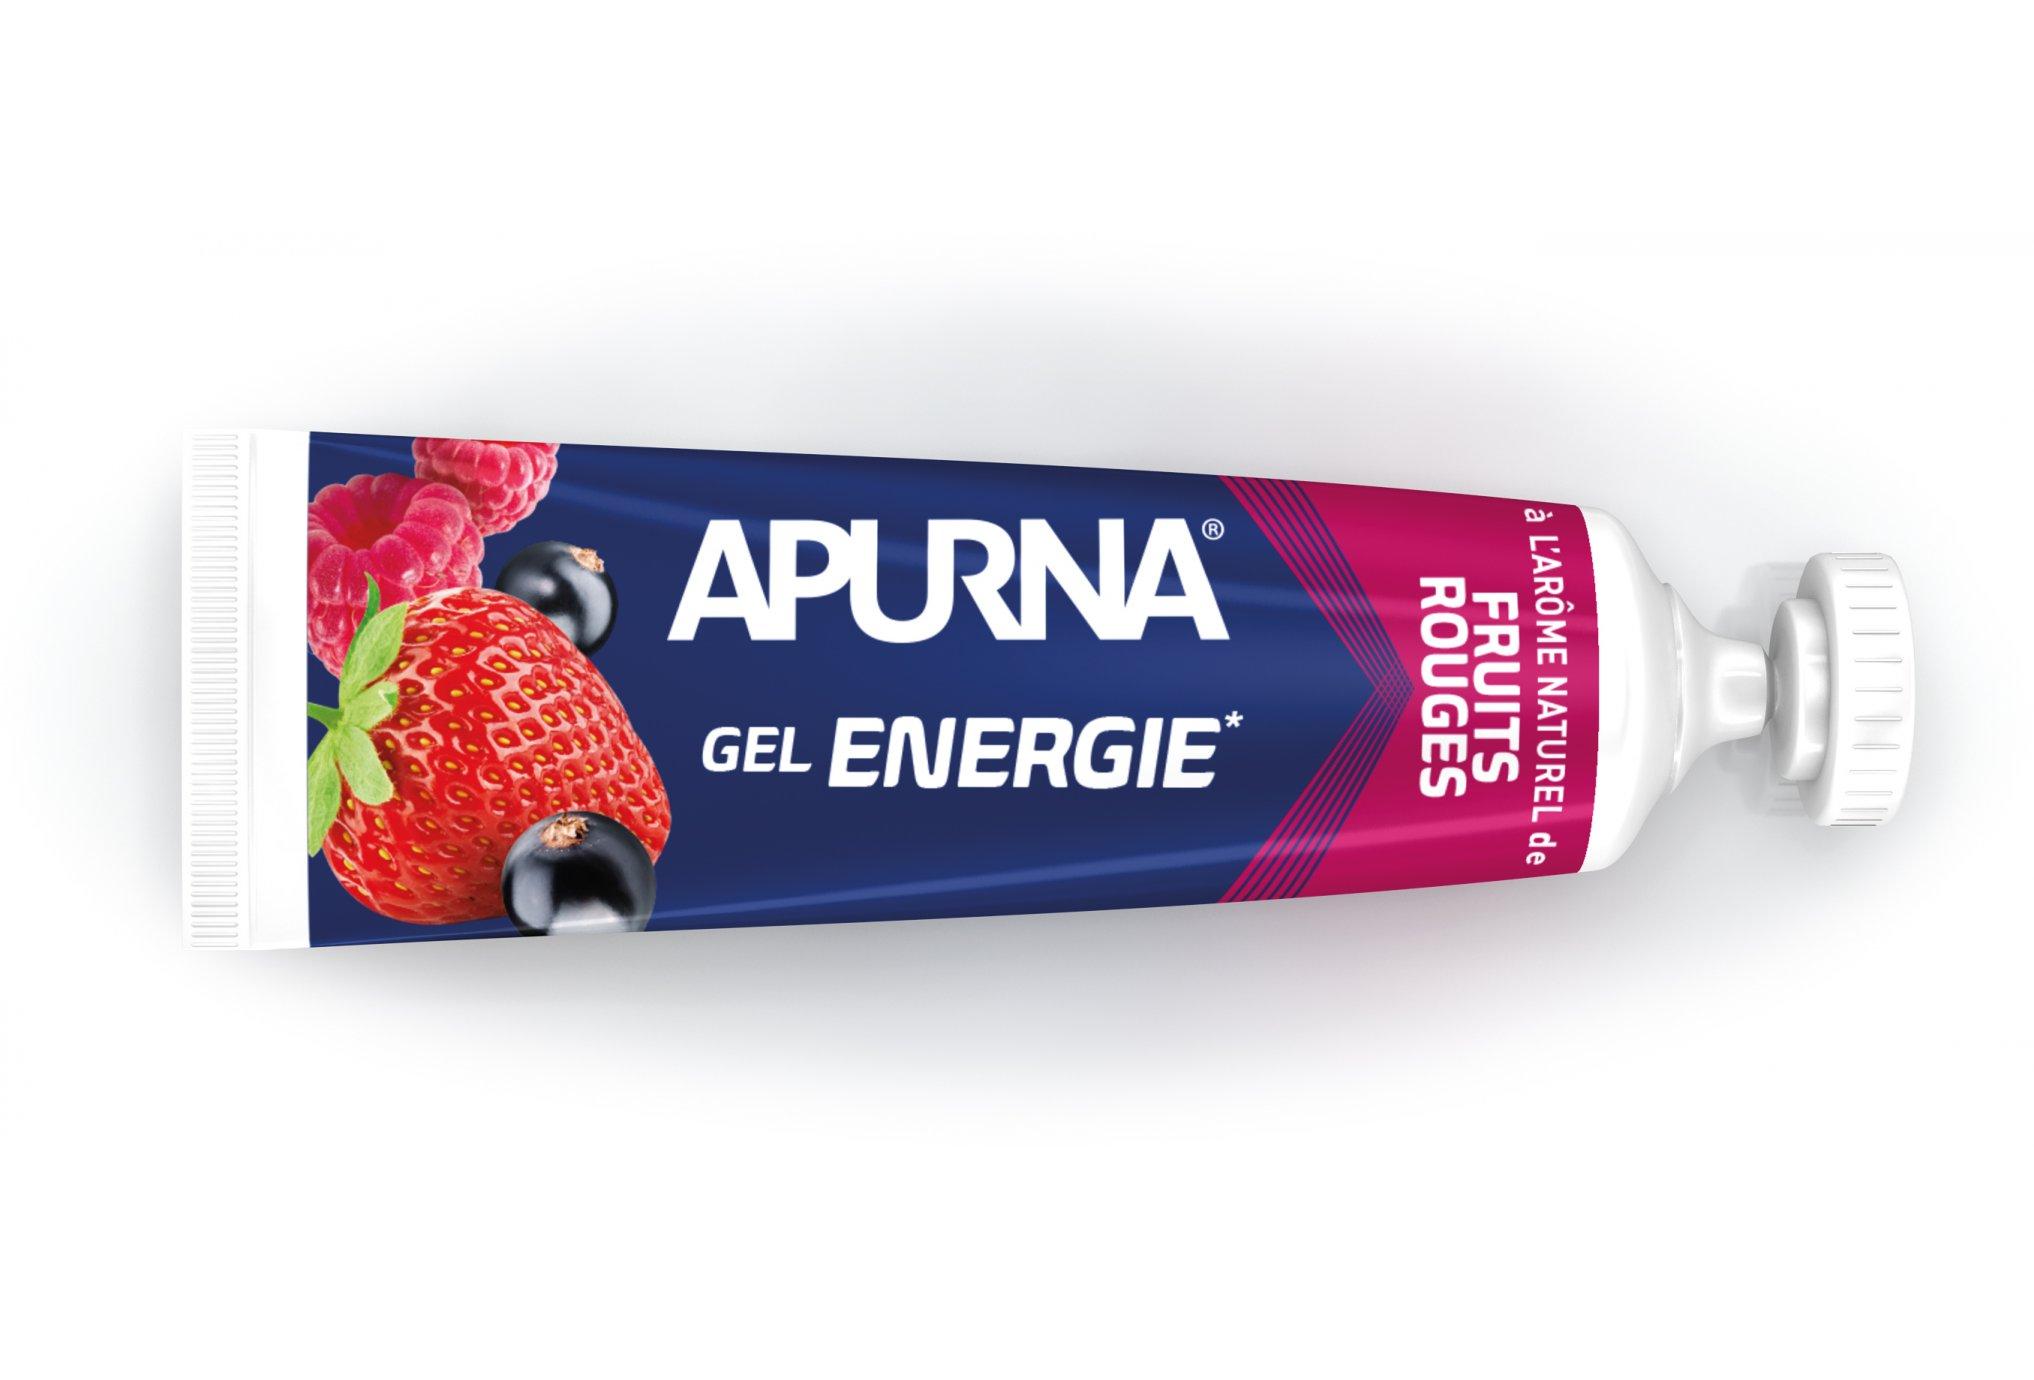 Apurna Gel Energie - Fruits Rouges Diététique Gels